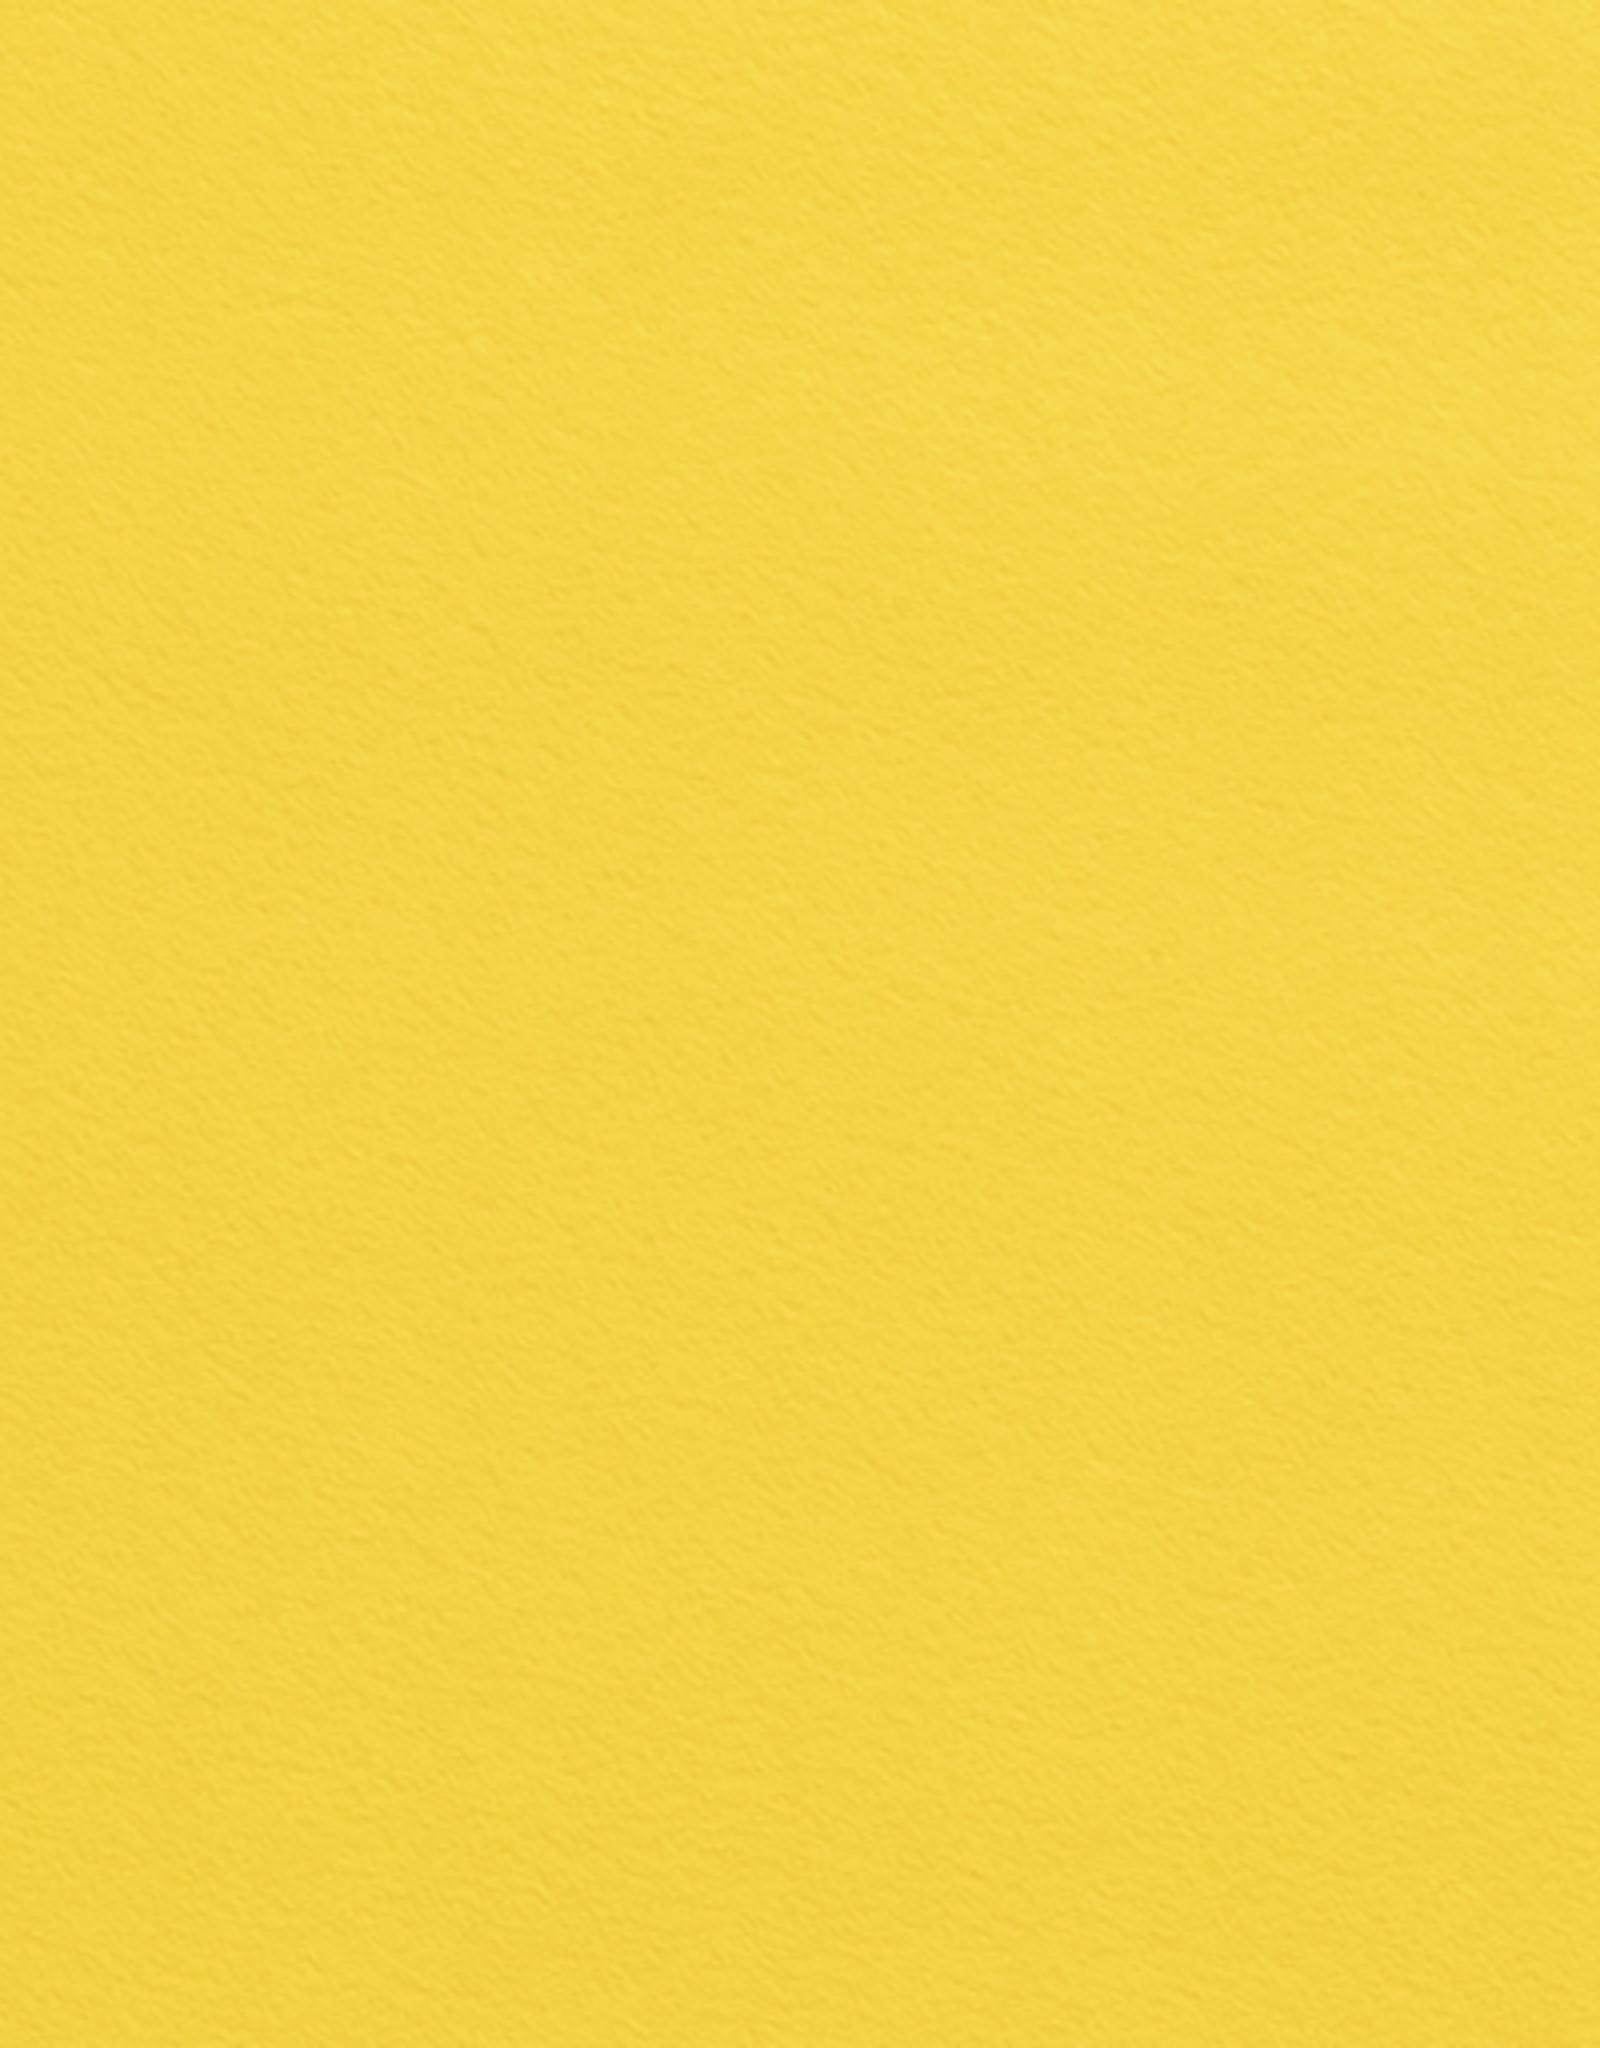 Vilt 1mm geel per vel 20x30cm